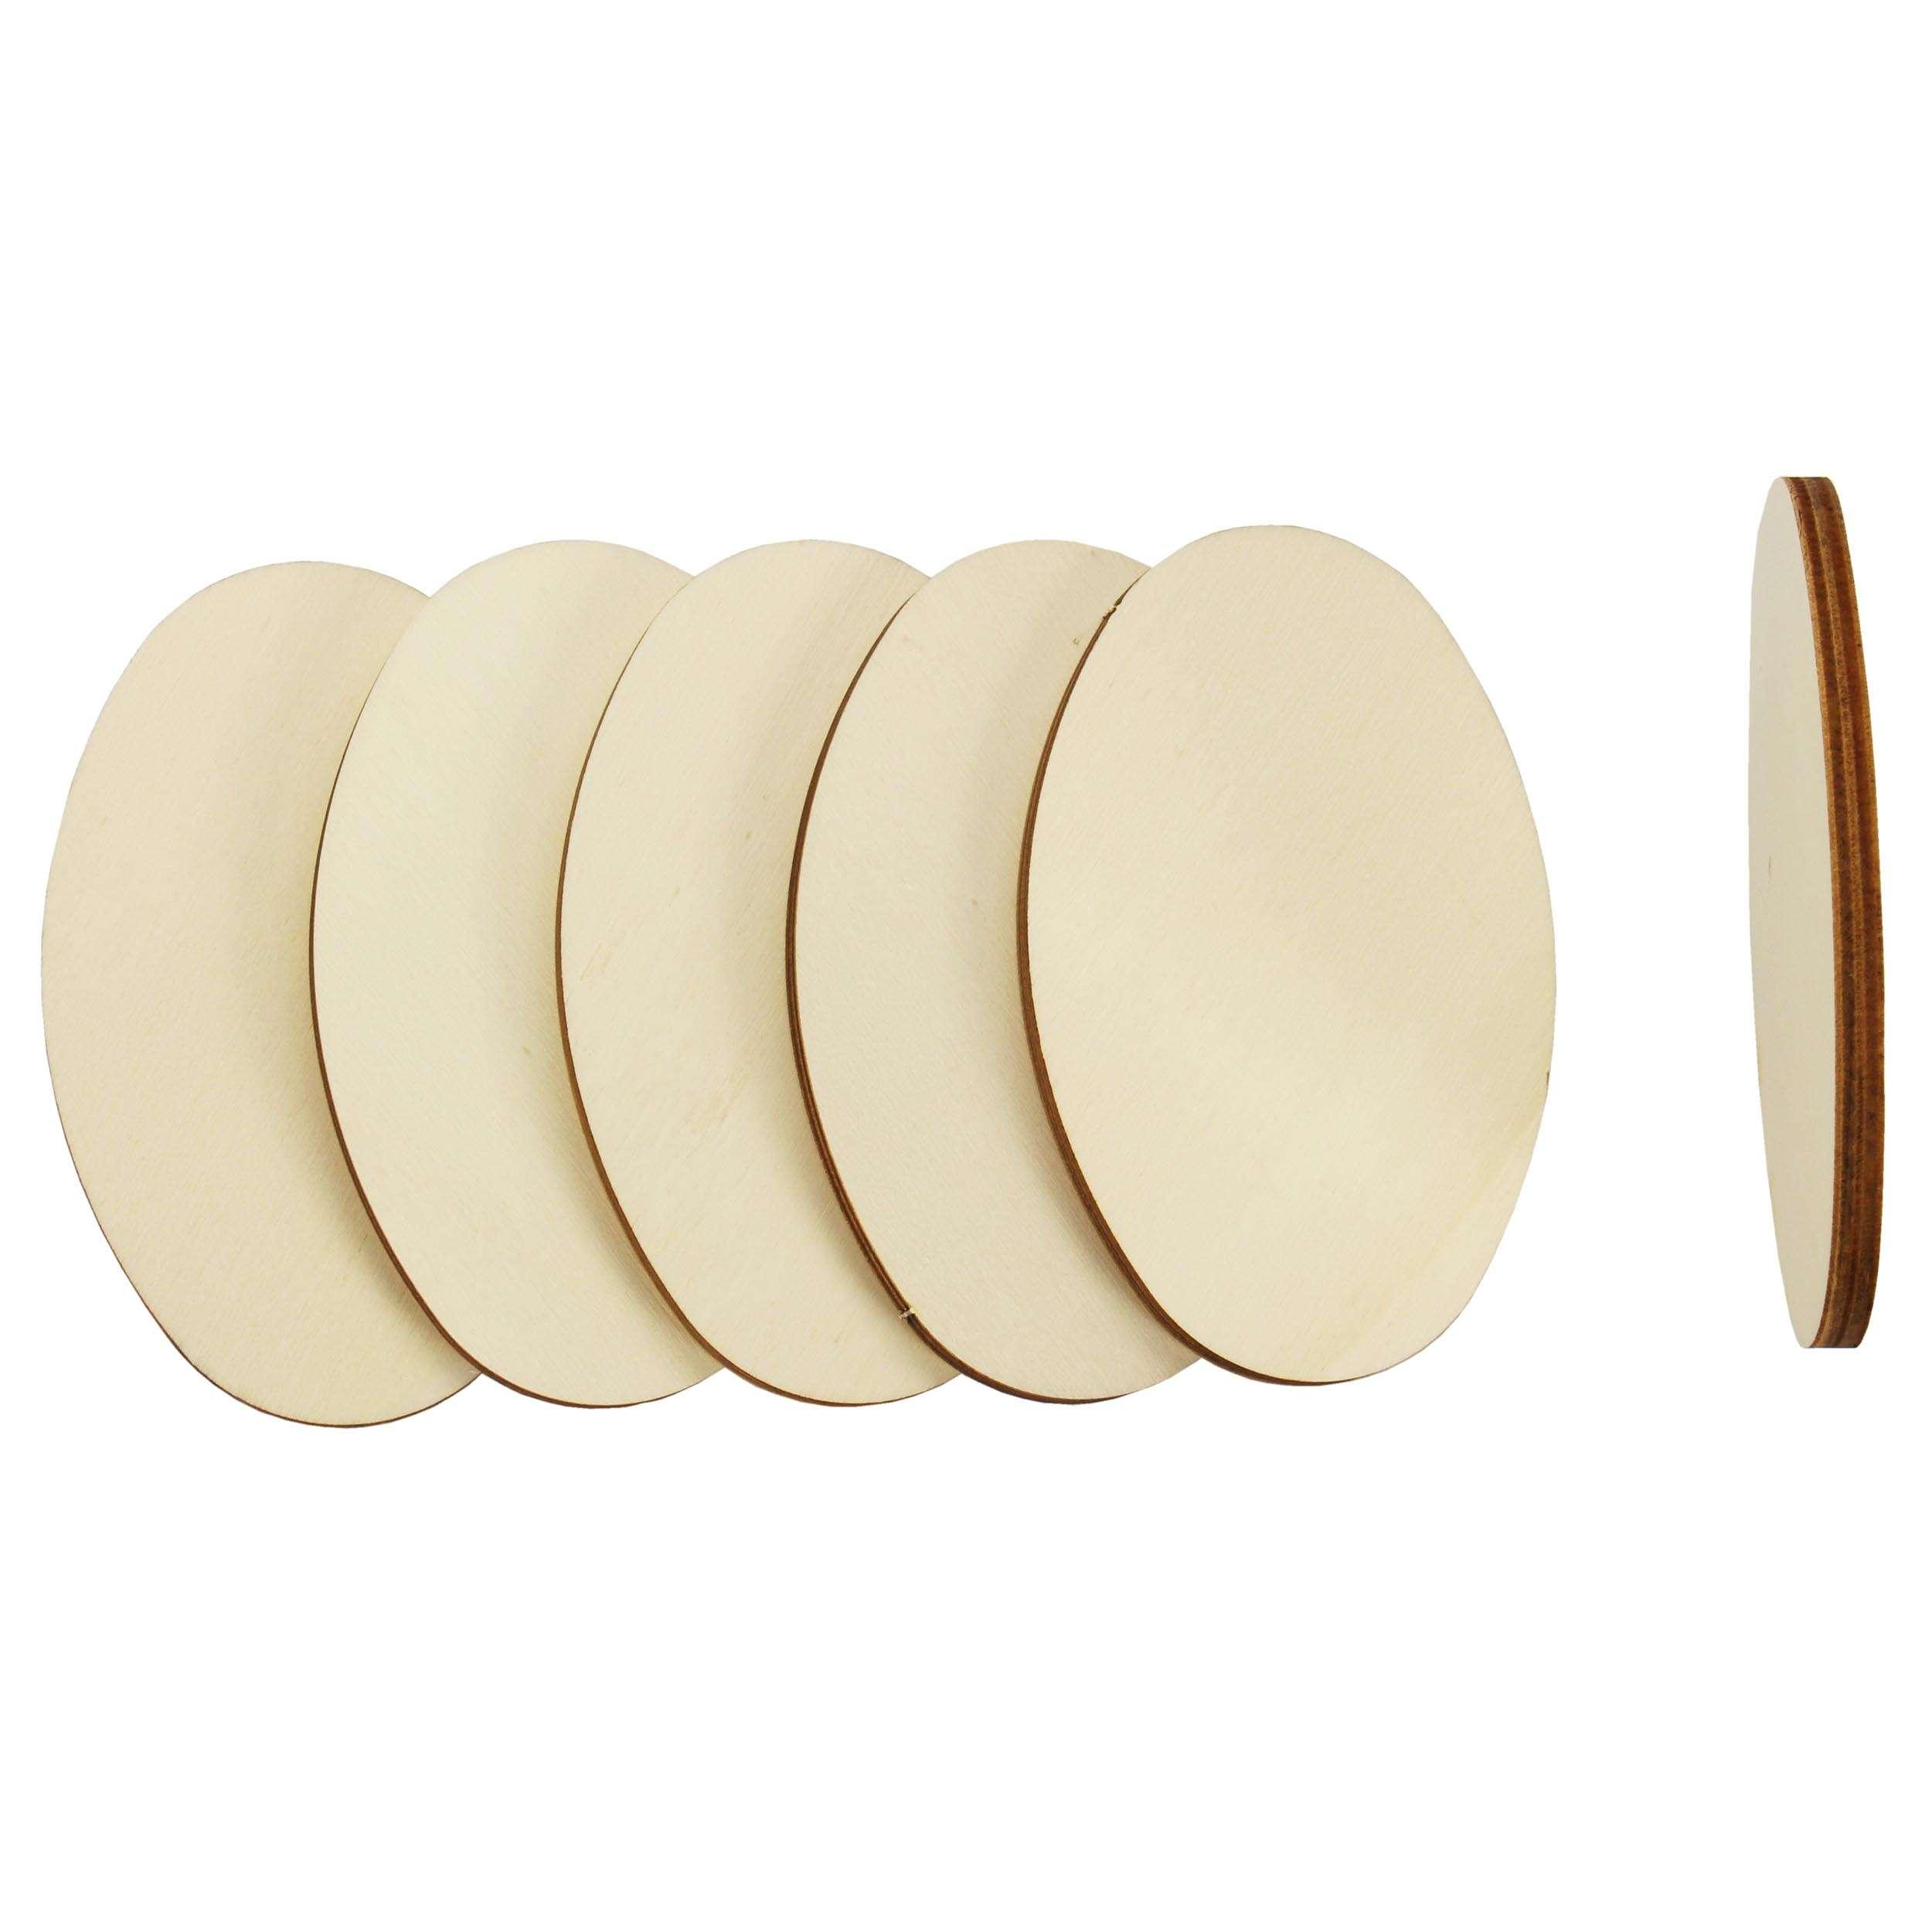 Birkenscheiben oval ca 4-6 mm stark 2-4 cm breit 4-9 cm lang und ca